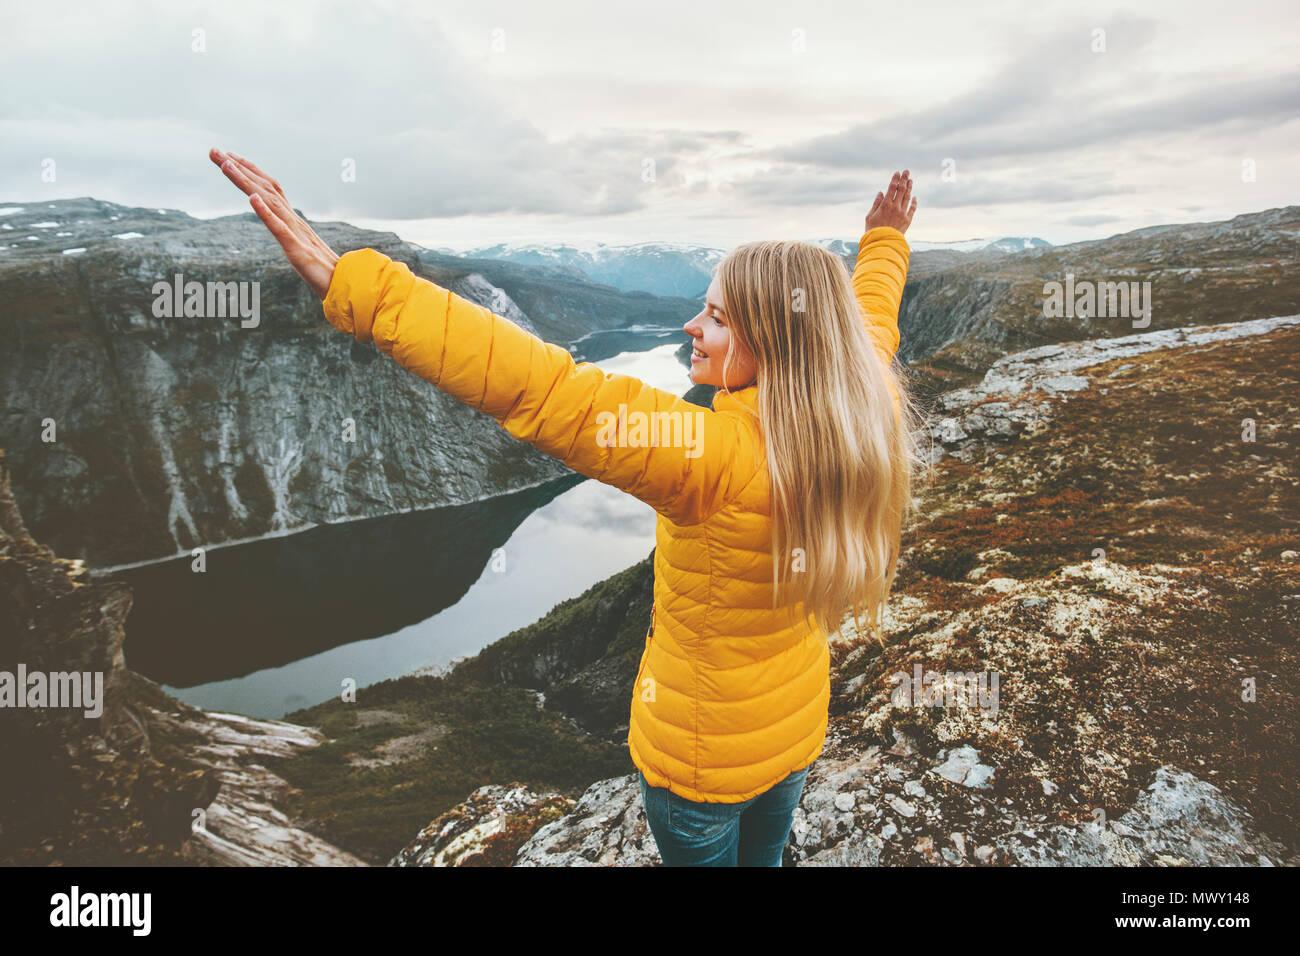 Junge Frau glücklich erhobenen Hände auf Mountain Top reisen Abenteuer lifestyle Reise ferien Antenne Seenlandschaft Erfolg wellness Emotionen Stockbild